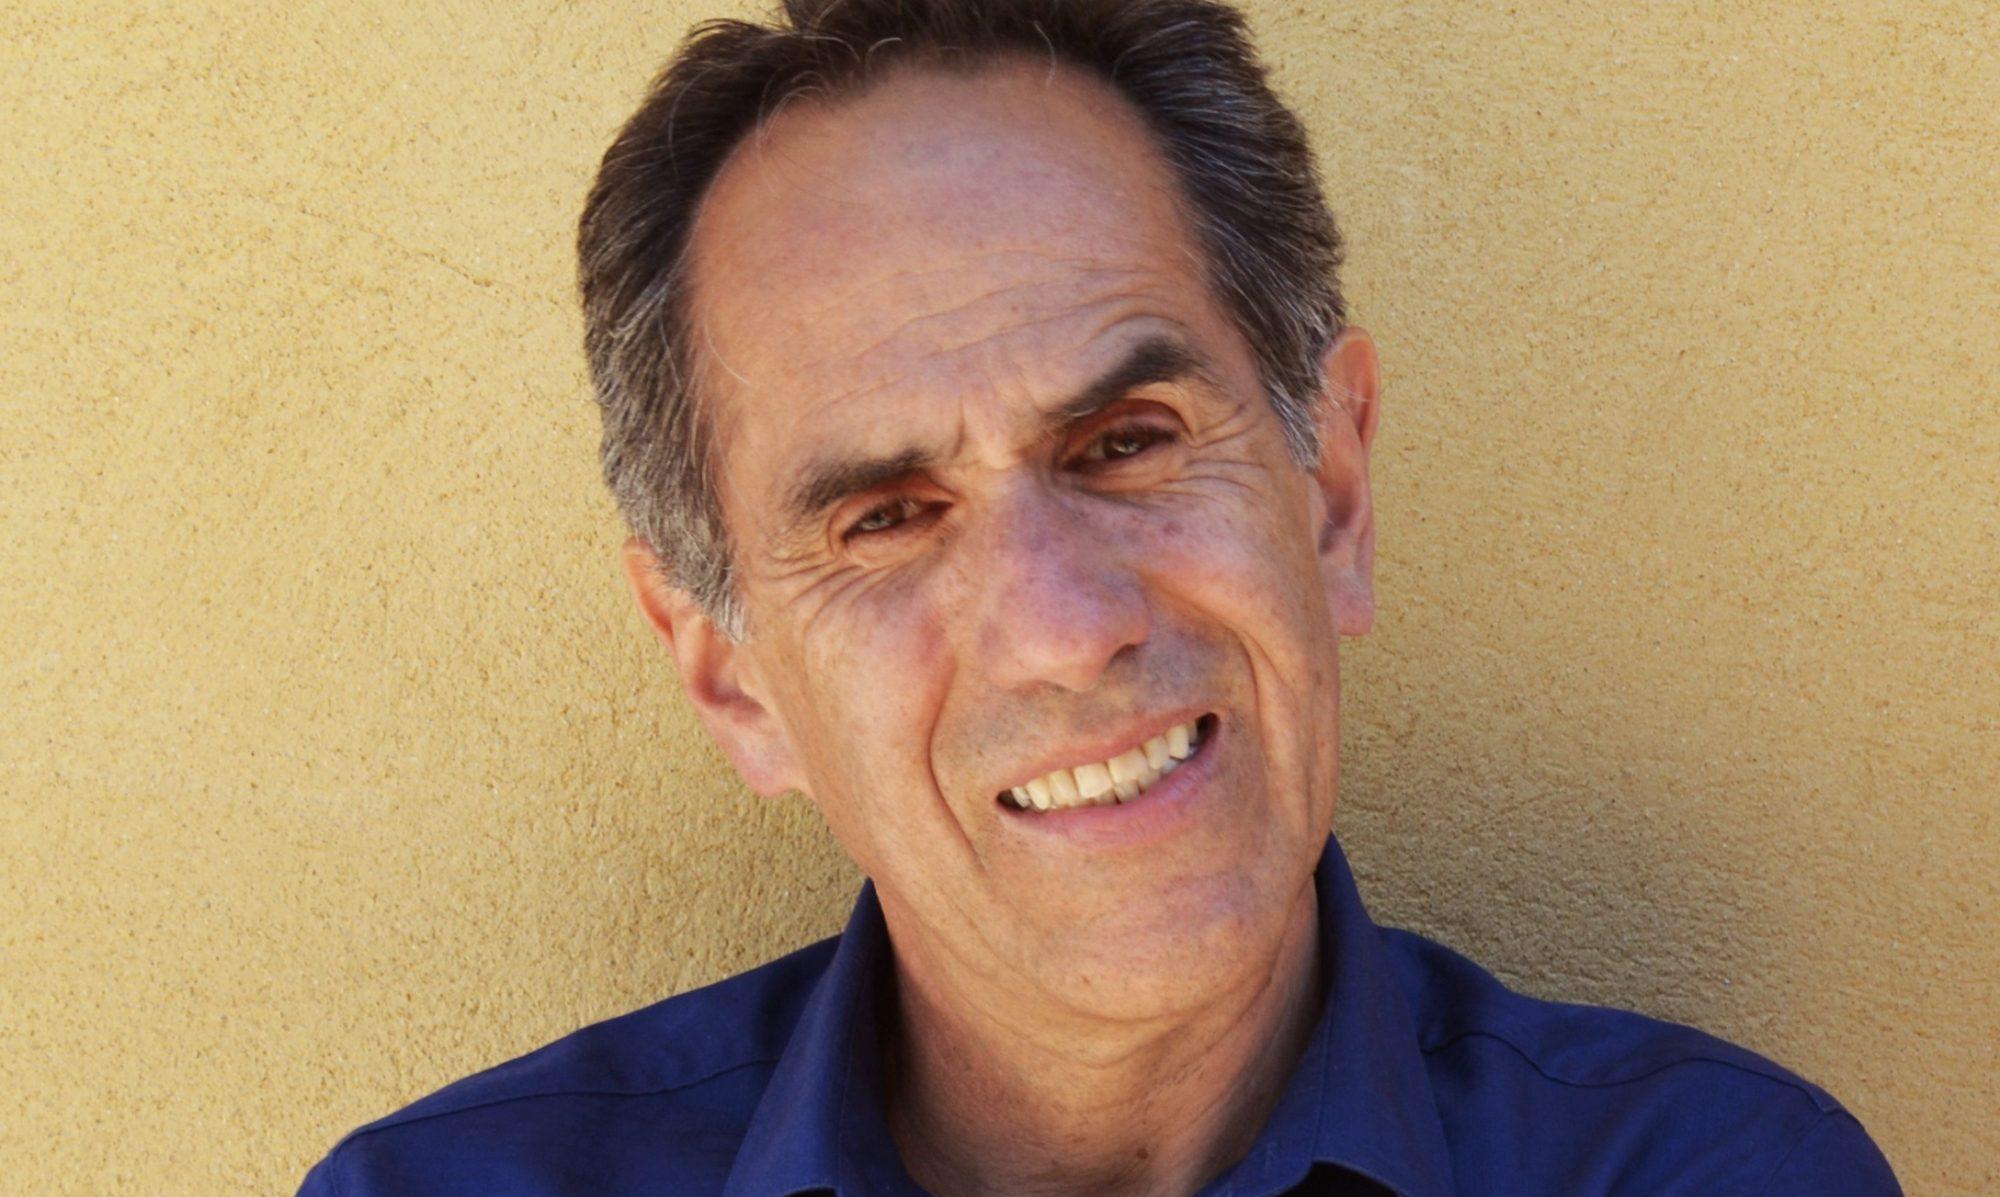 Arturo Parra